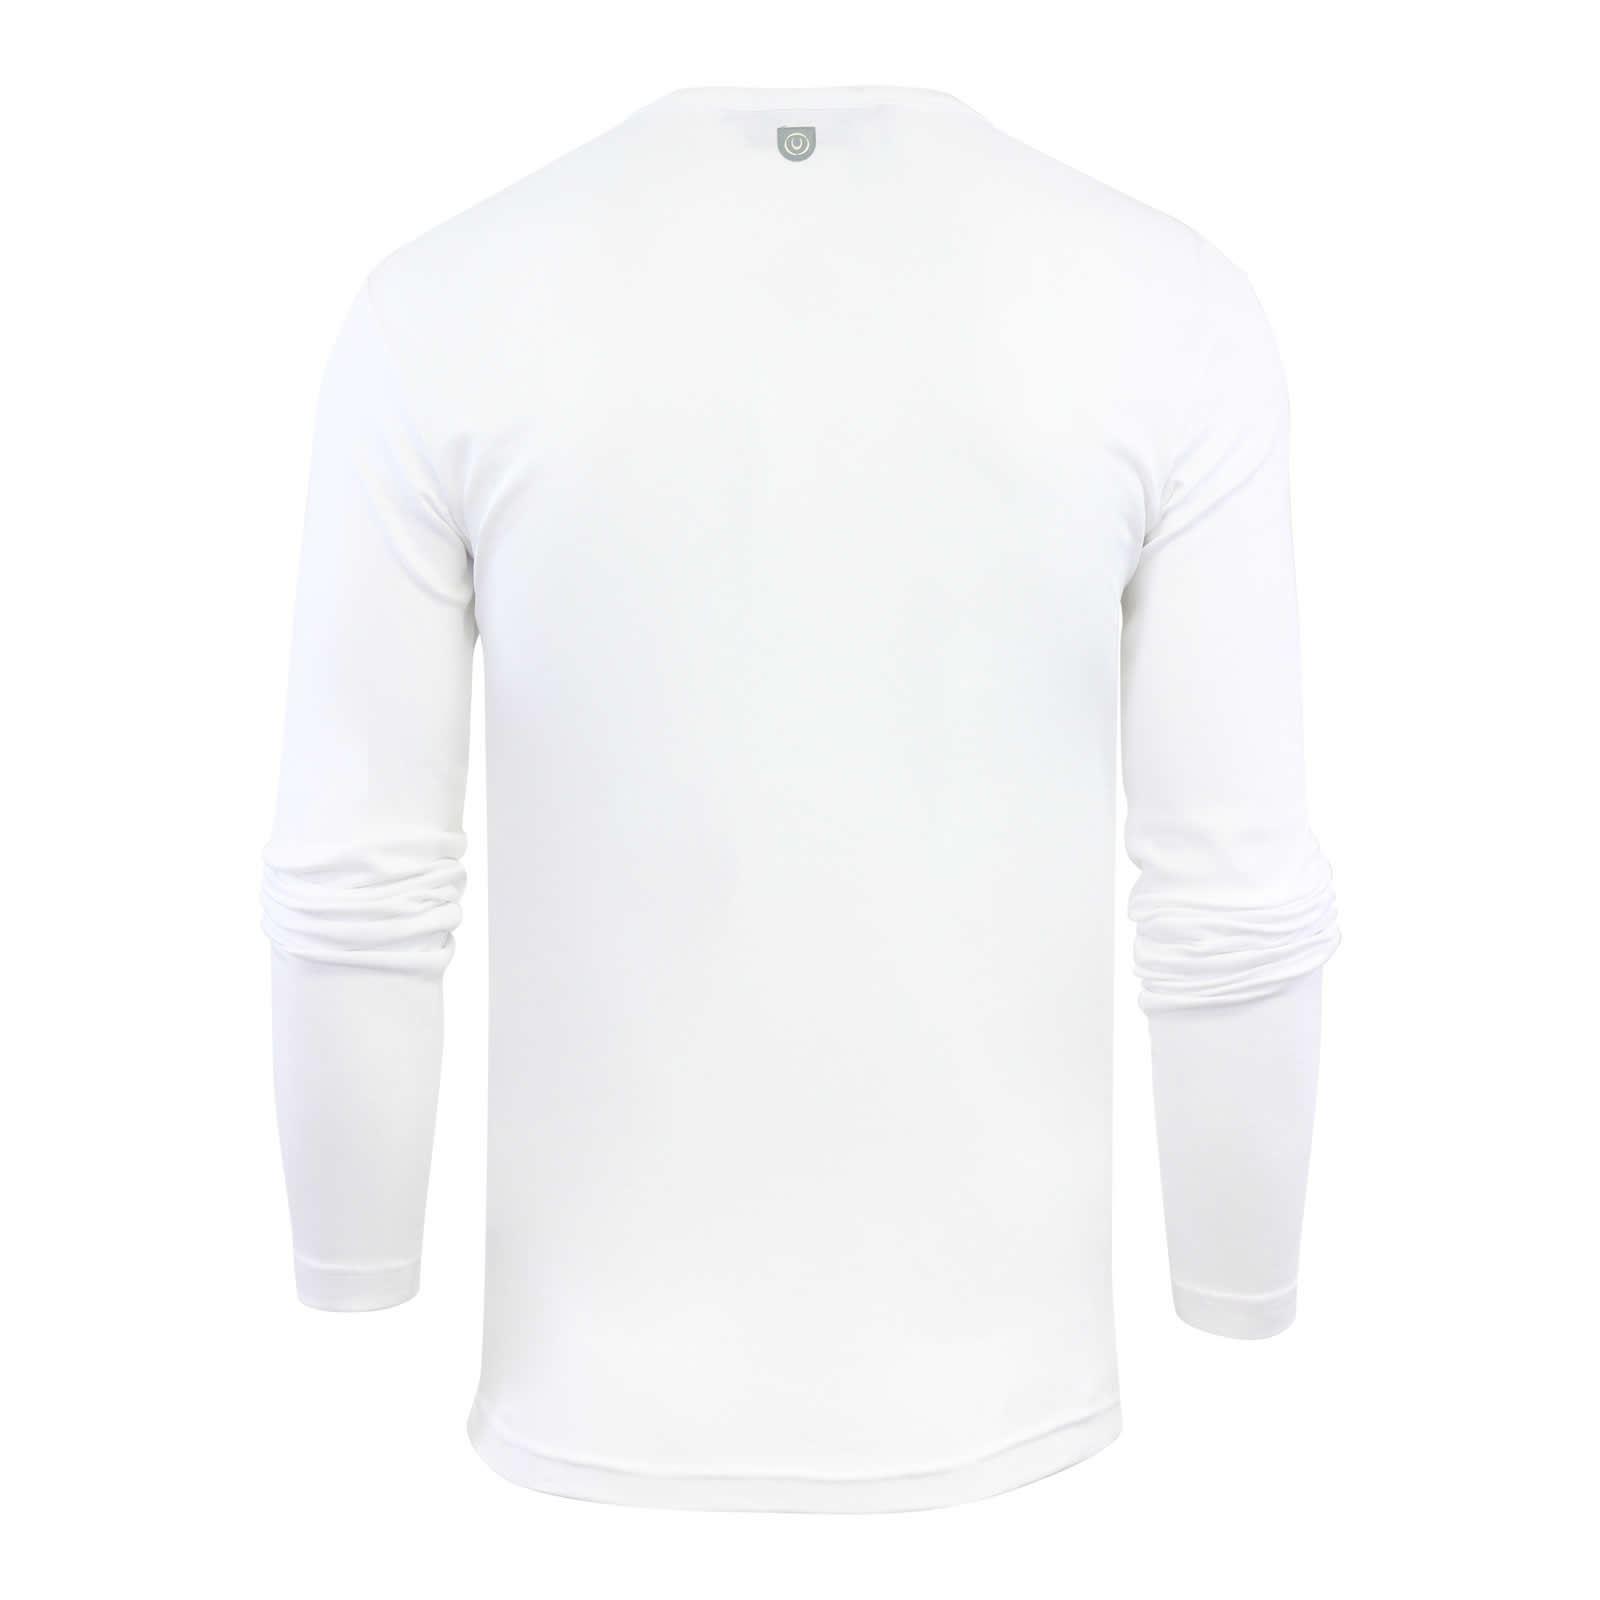 Duck-amp-Cover-STOCK-Homme-T-shirt-coton-confort-stretch-a-encolure-ras-du-cou-T-shirt-manches miniature 7